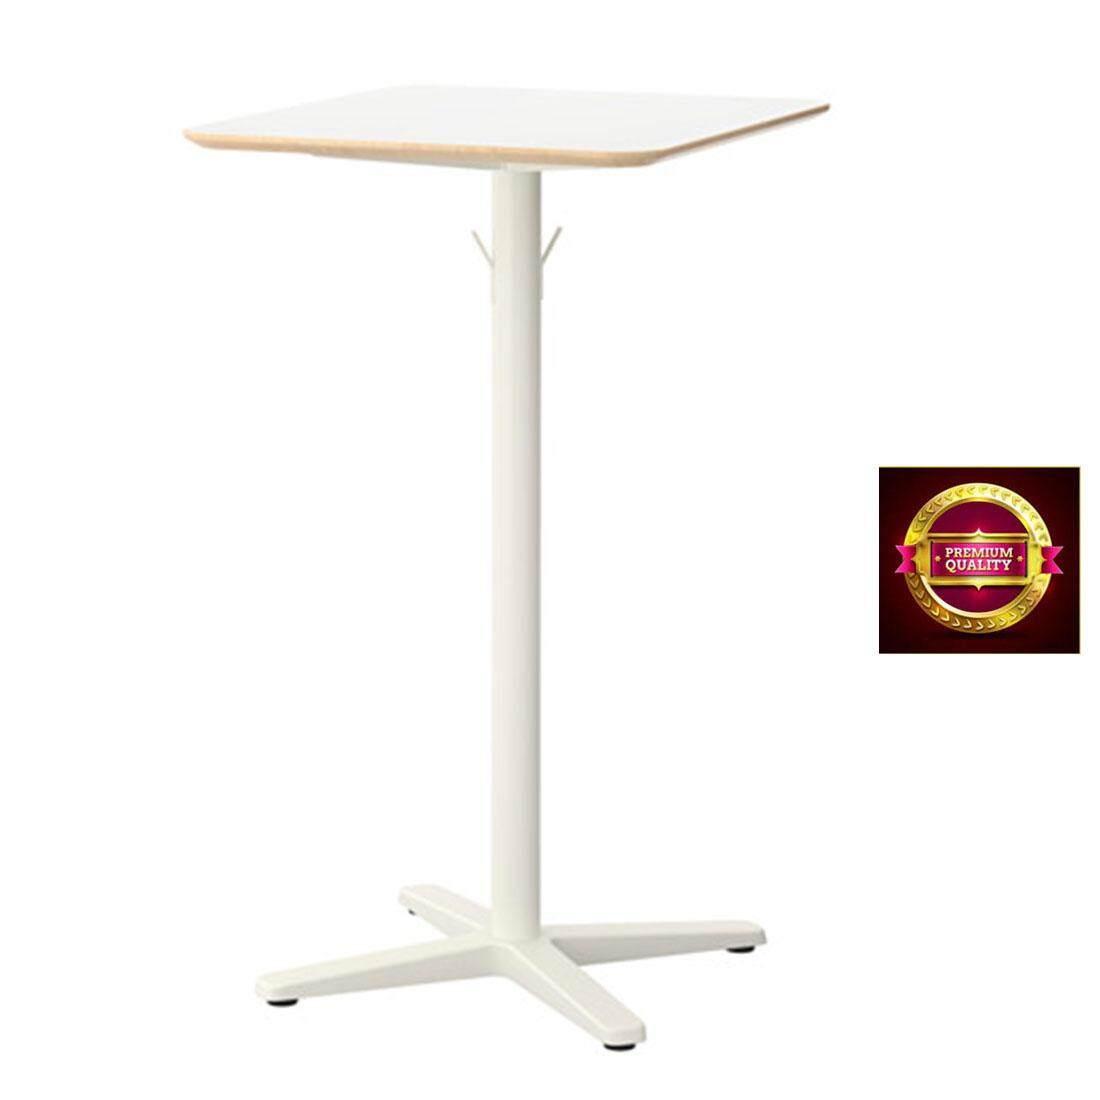 โต๊ะบาร์เมลามีน ทนความร้อนและรอยขีดข่วนได้ดี สีขาว 70x60 Cm By Home Decor By King.